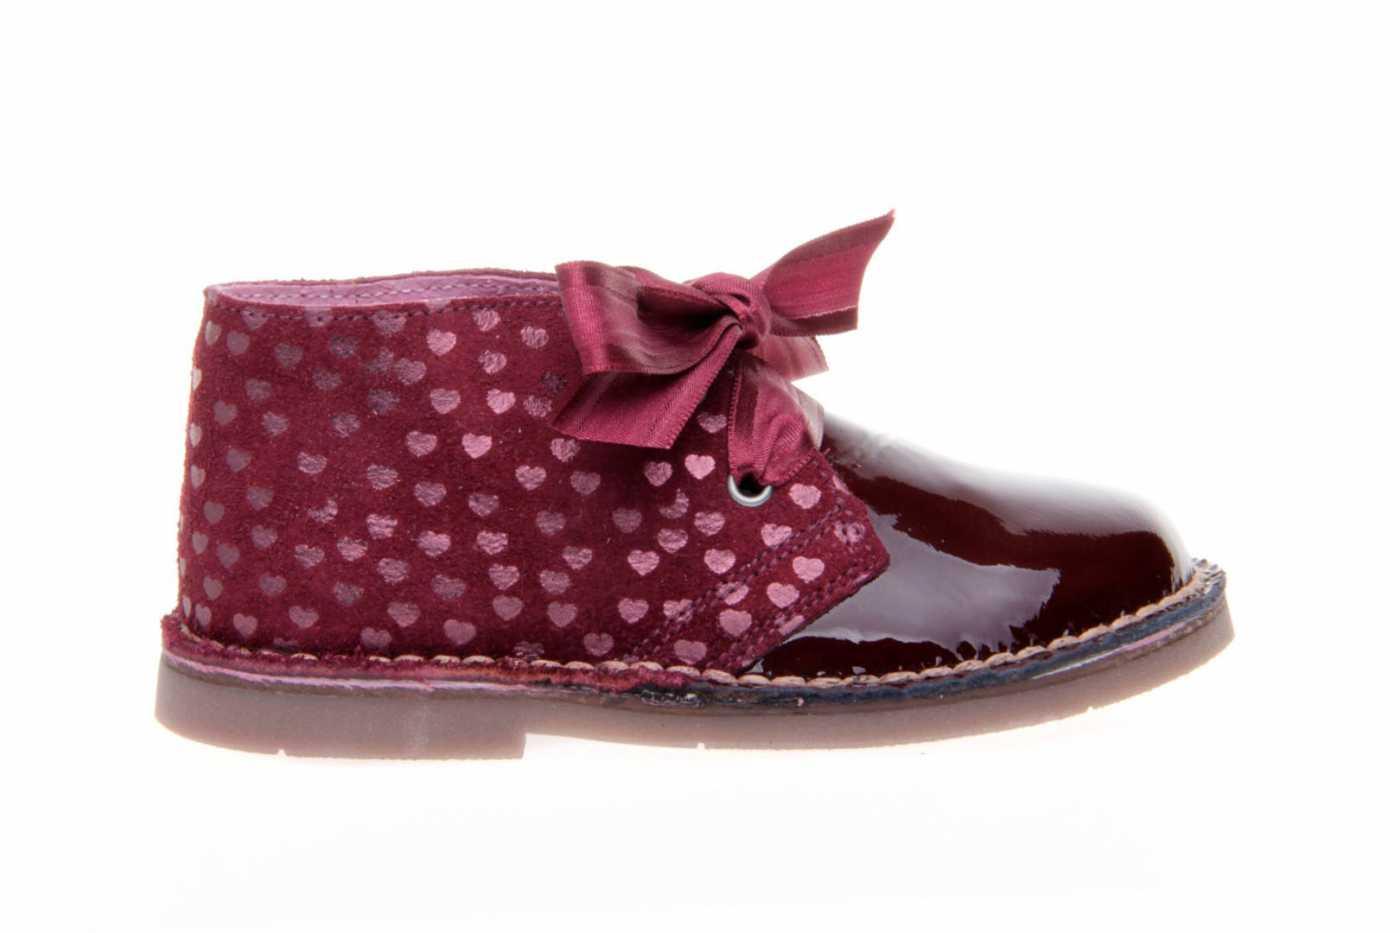 9f607b60d Comprar zapato tipo JOVEN NIÑA estilo BOTAS COLOR BURDEOS CHAROL ...